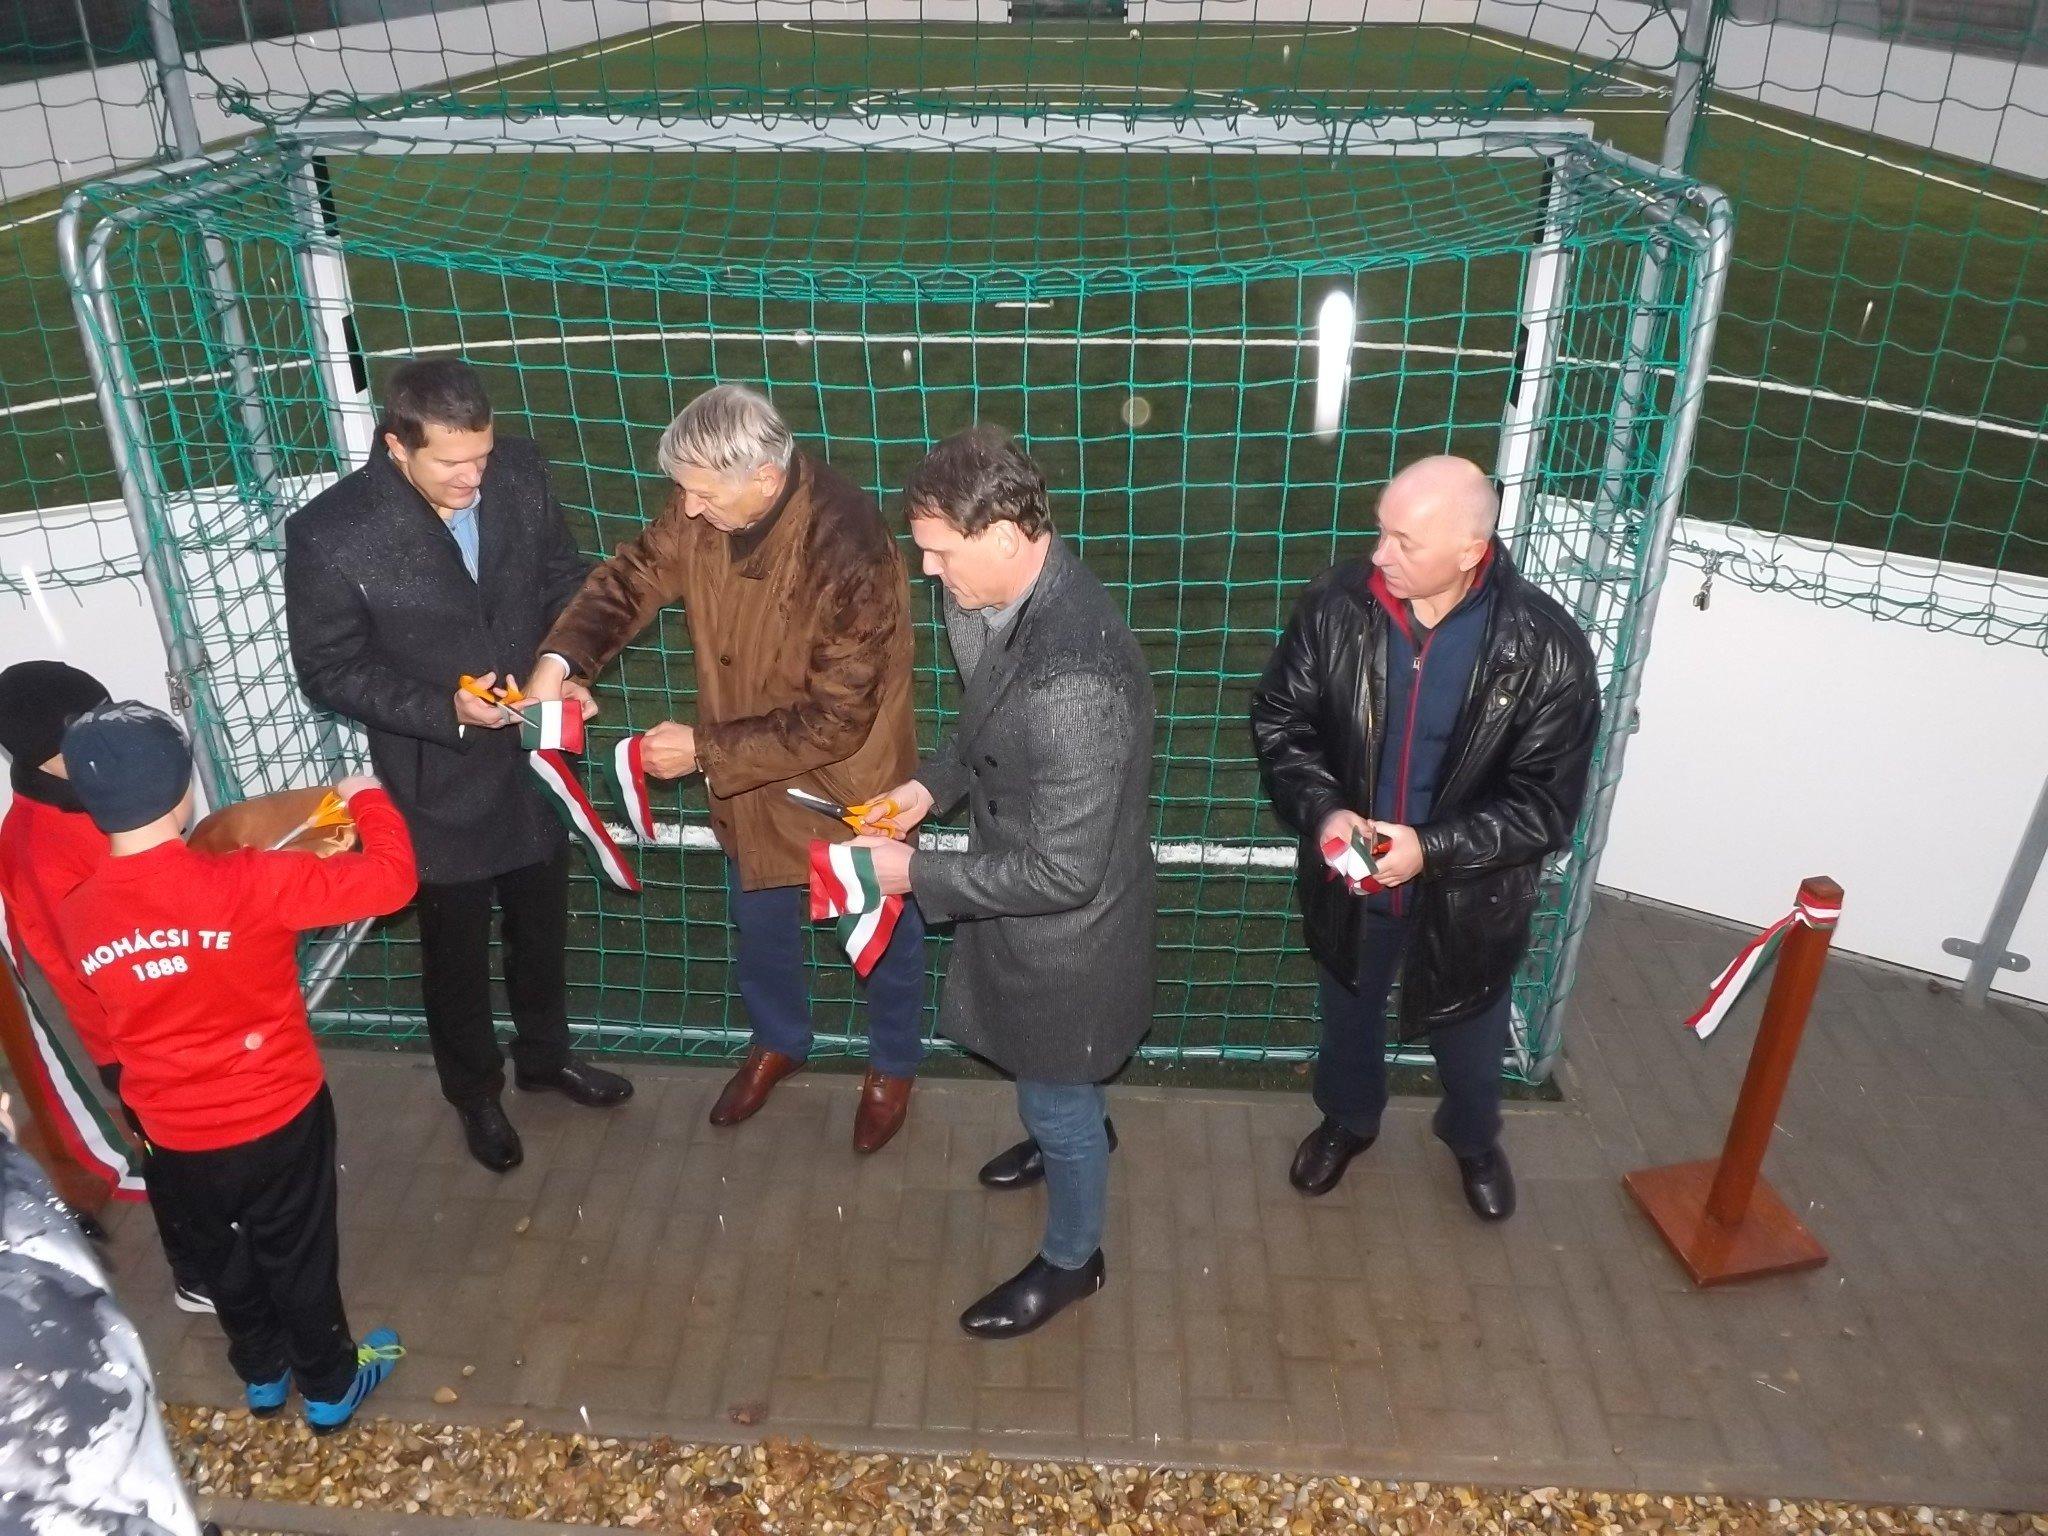 Új sportlétesítményt avattak Mohácson a Kórház utcában